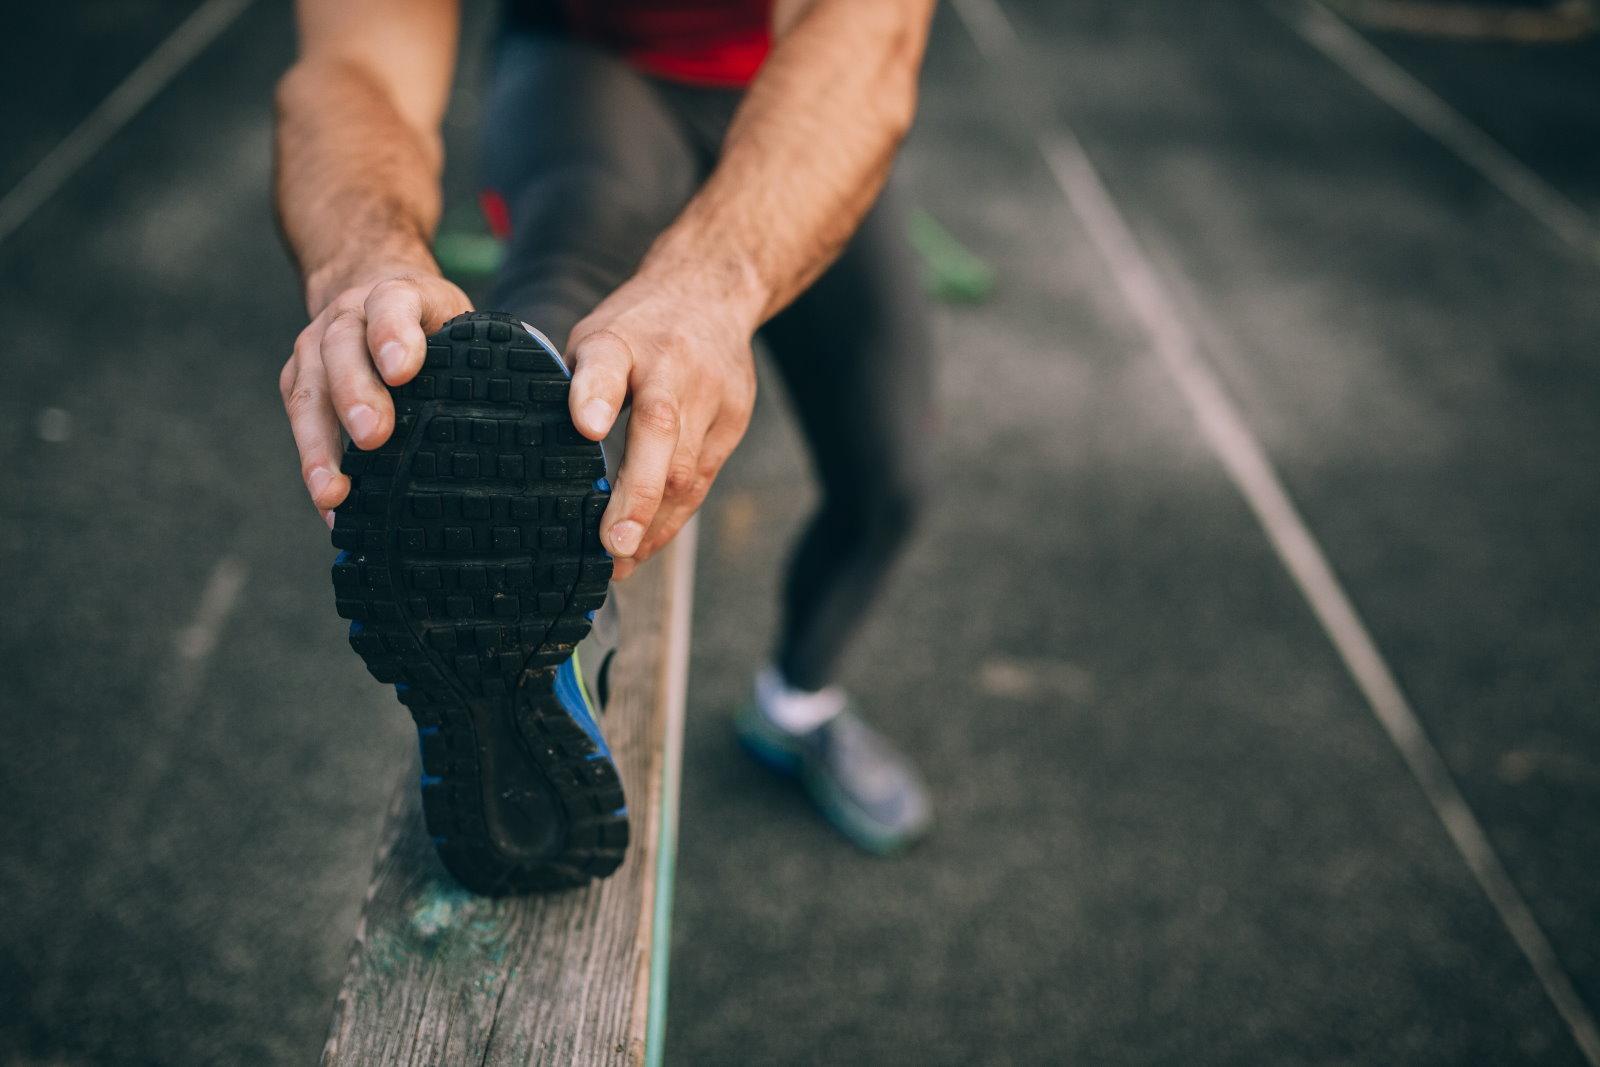 Ćwiczenia rozciągające dla początkujących – jak to robić z głową?